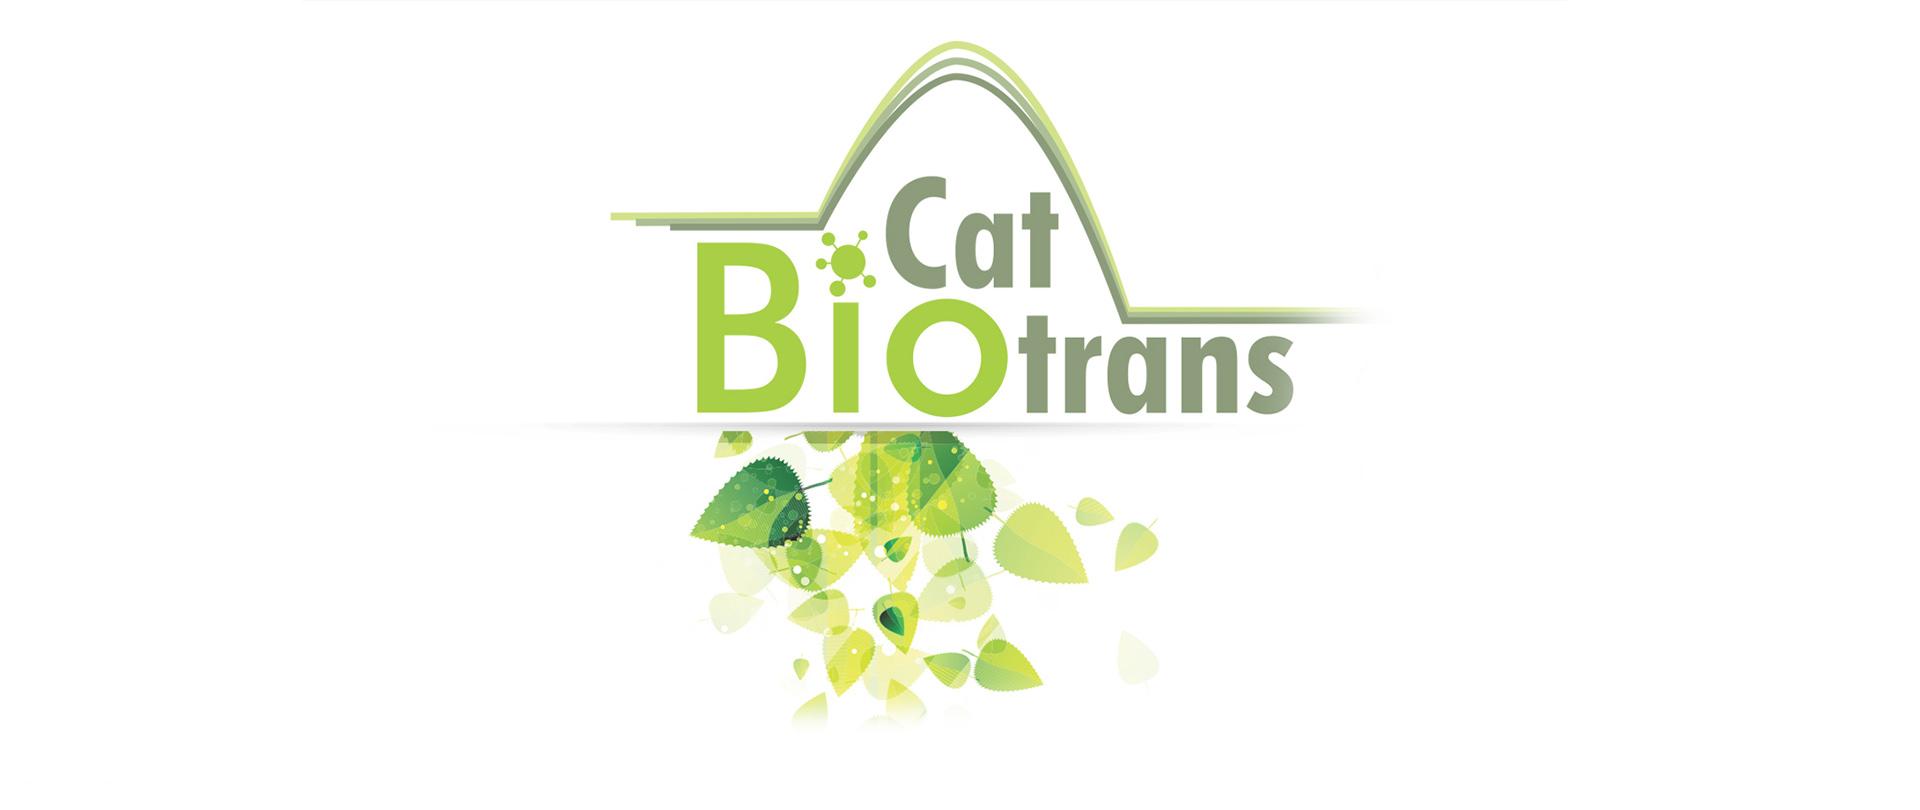 logo e identidade visual para evento BiocatBiotrans 2014